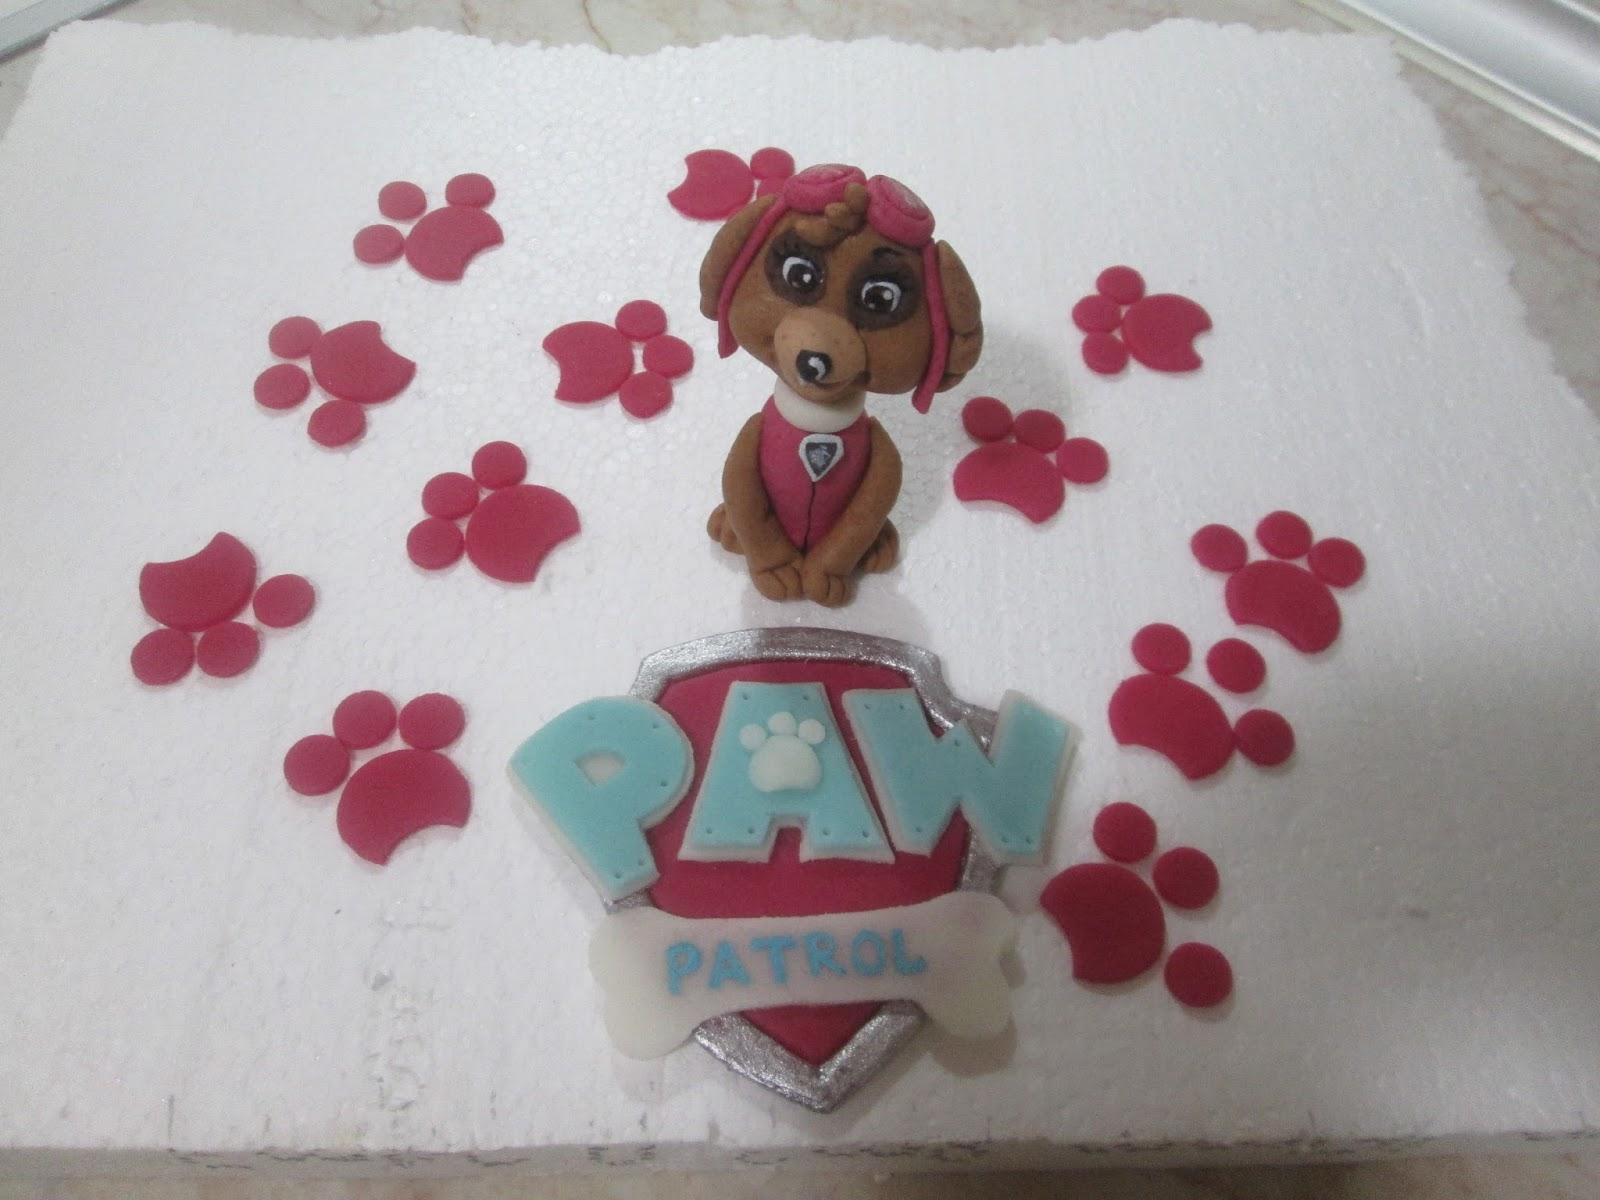 Torte i figurice za torte sneza paw patrol sky sa znakom i roze reljefne figure figurice za mladenacke torte figurice likova iz crtanih filmova igricapatrolne sape moana i maui pepa prase i dzordz sa porodicom thecheapjerseys Choice Image